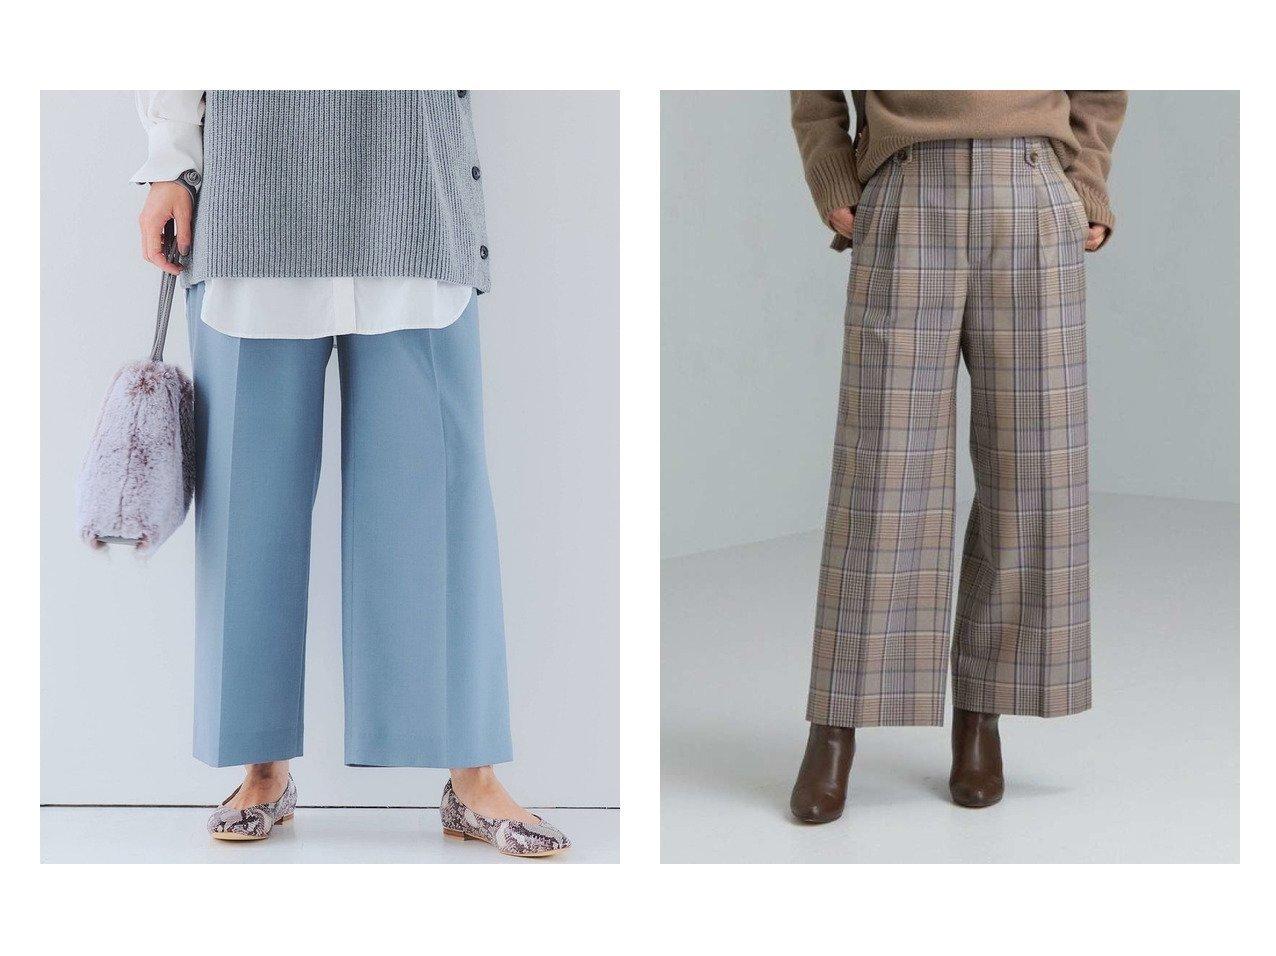 【green label relaxing / UNITED ARROWS/グリーンレーベル リラクシング / ユナイテッドアローズ】の[ TWトリアセ ] FM タック ワイド パンツ パンツのおすすめ!人気トレンド・レディースファッションの通販 おすすめで人気のファッション通販商品 インテリア・家具・キッズファッション・メンズファッション・レディースファッション・服の通販 founy(ファニー) https://founy.com/ ファッション Fashion レディース WOMEN パンツ Pants 春 秋 ジーンズ フロント マニッシュ ワイド |ID:crp329100000006299